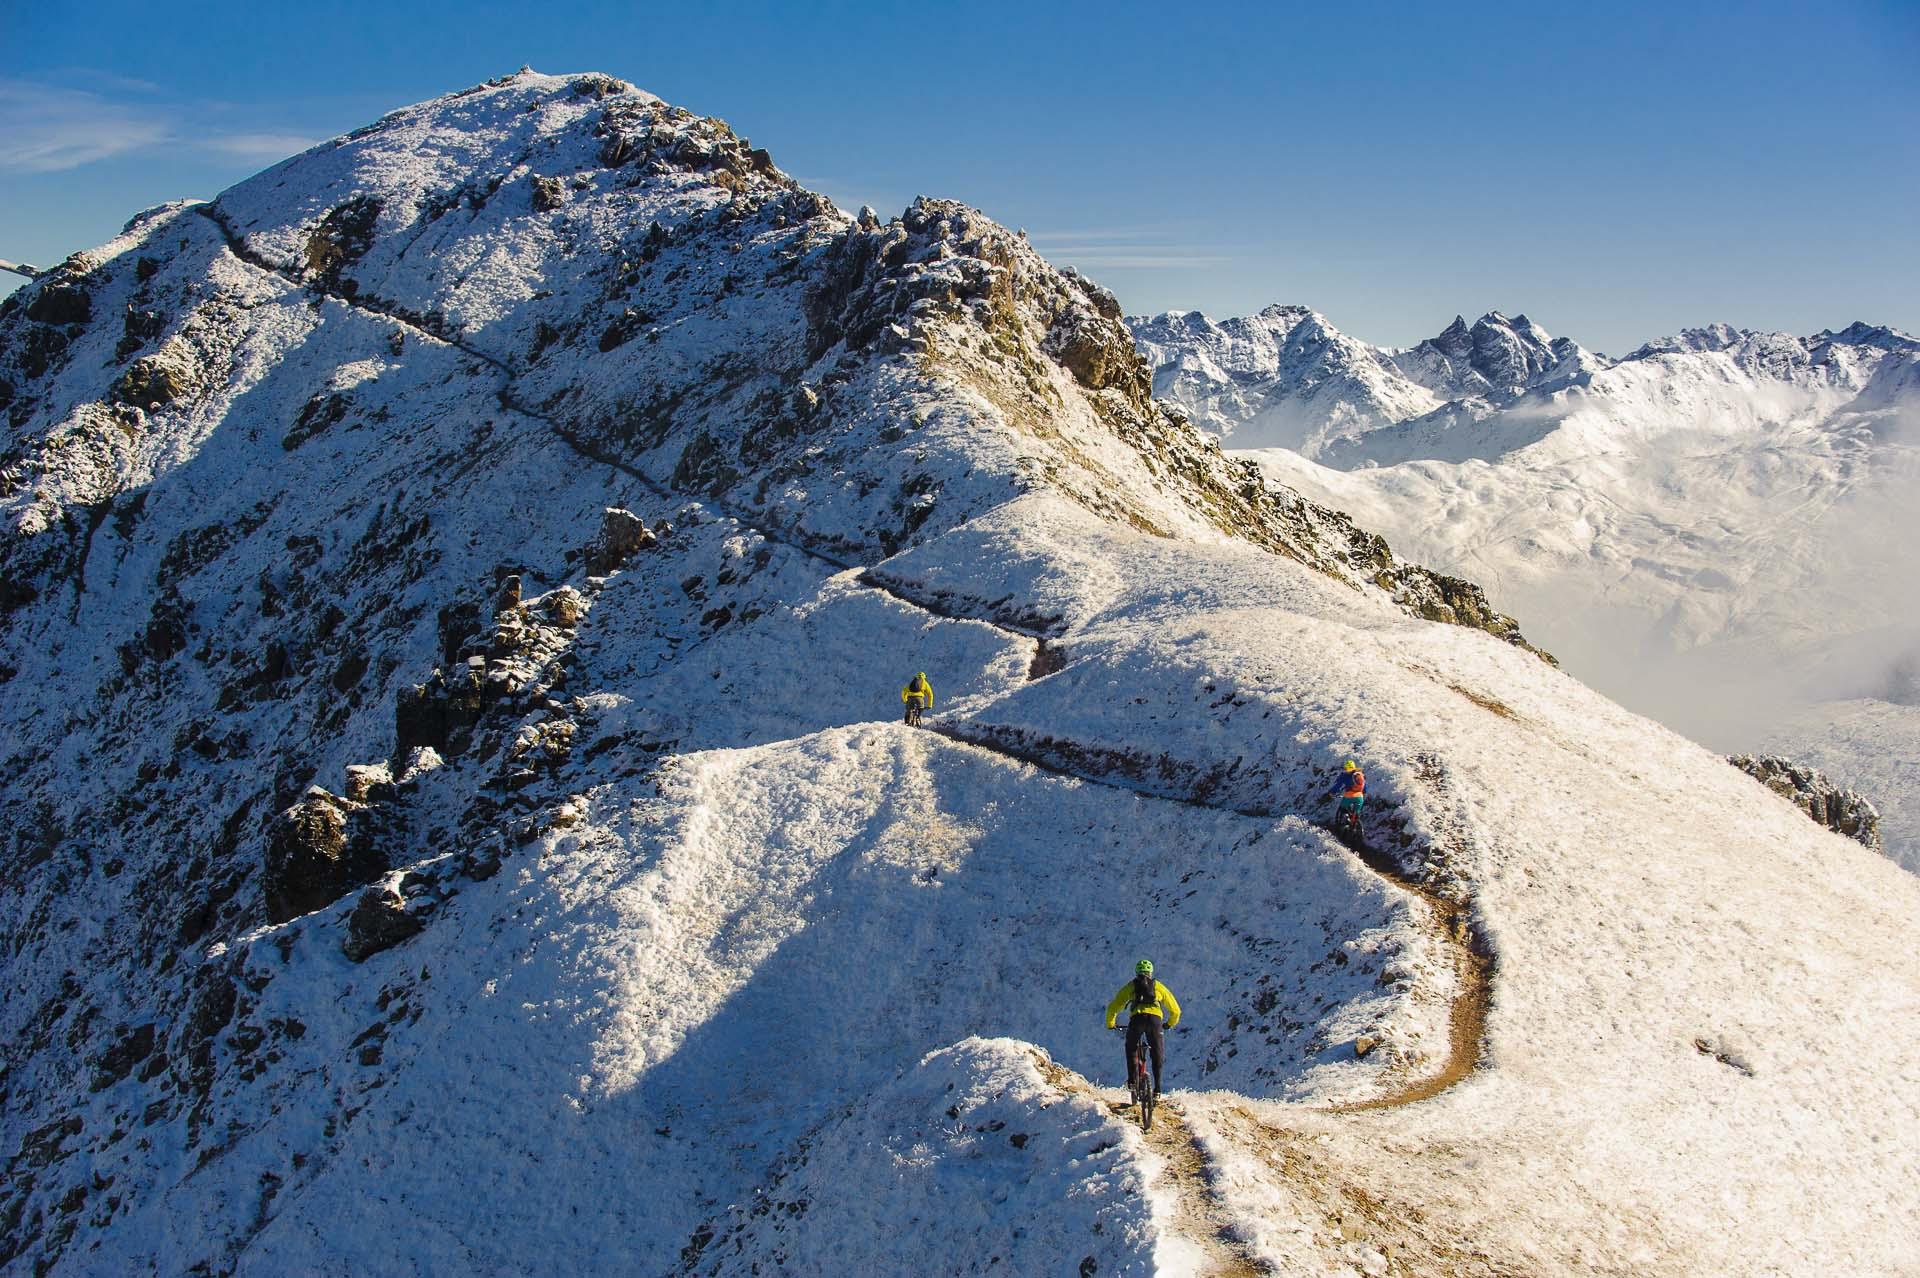 Åkare: Kristian Axelsson, Hanna Ovin / Plats: Davos, Schweiz